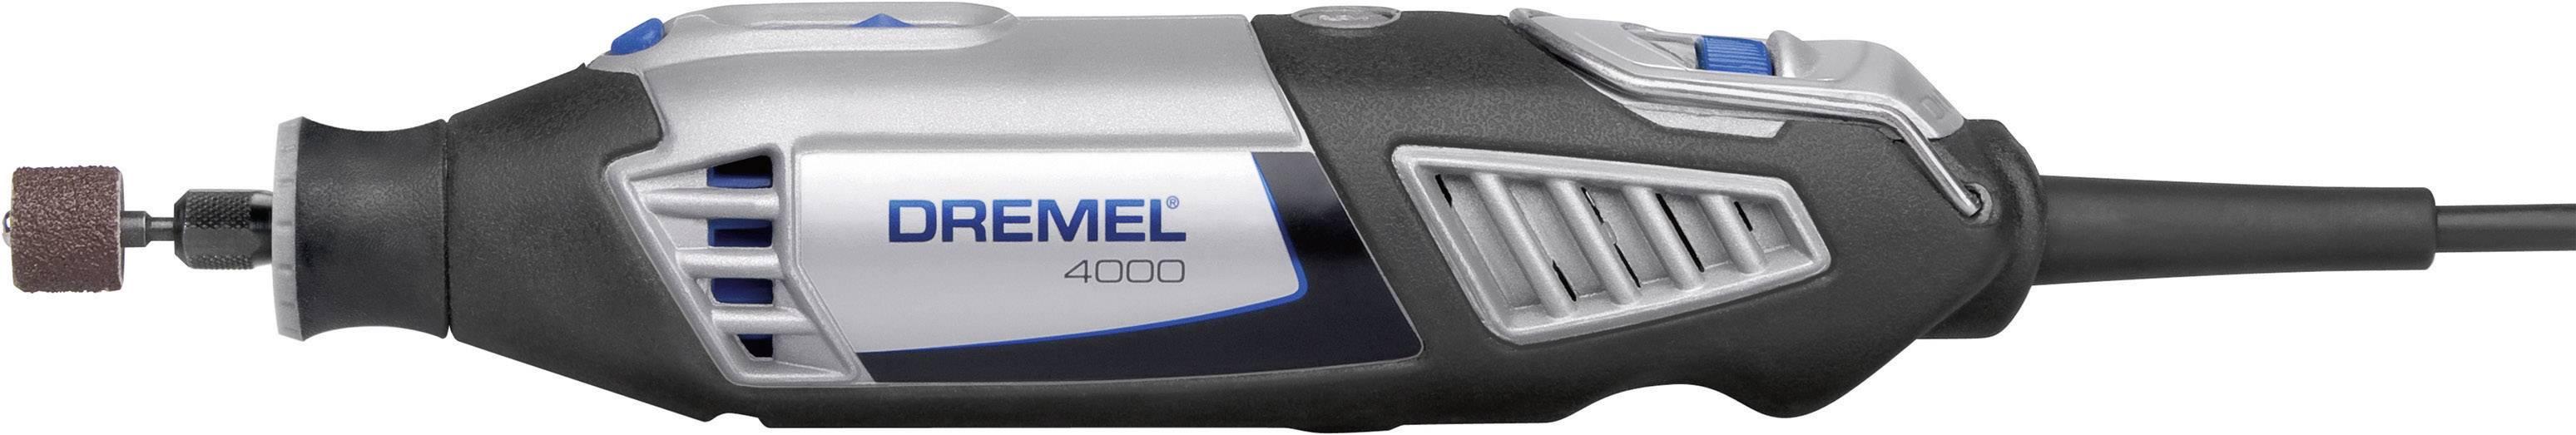 Multifunkční nářadí Dremel 4000